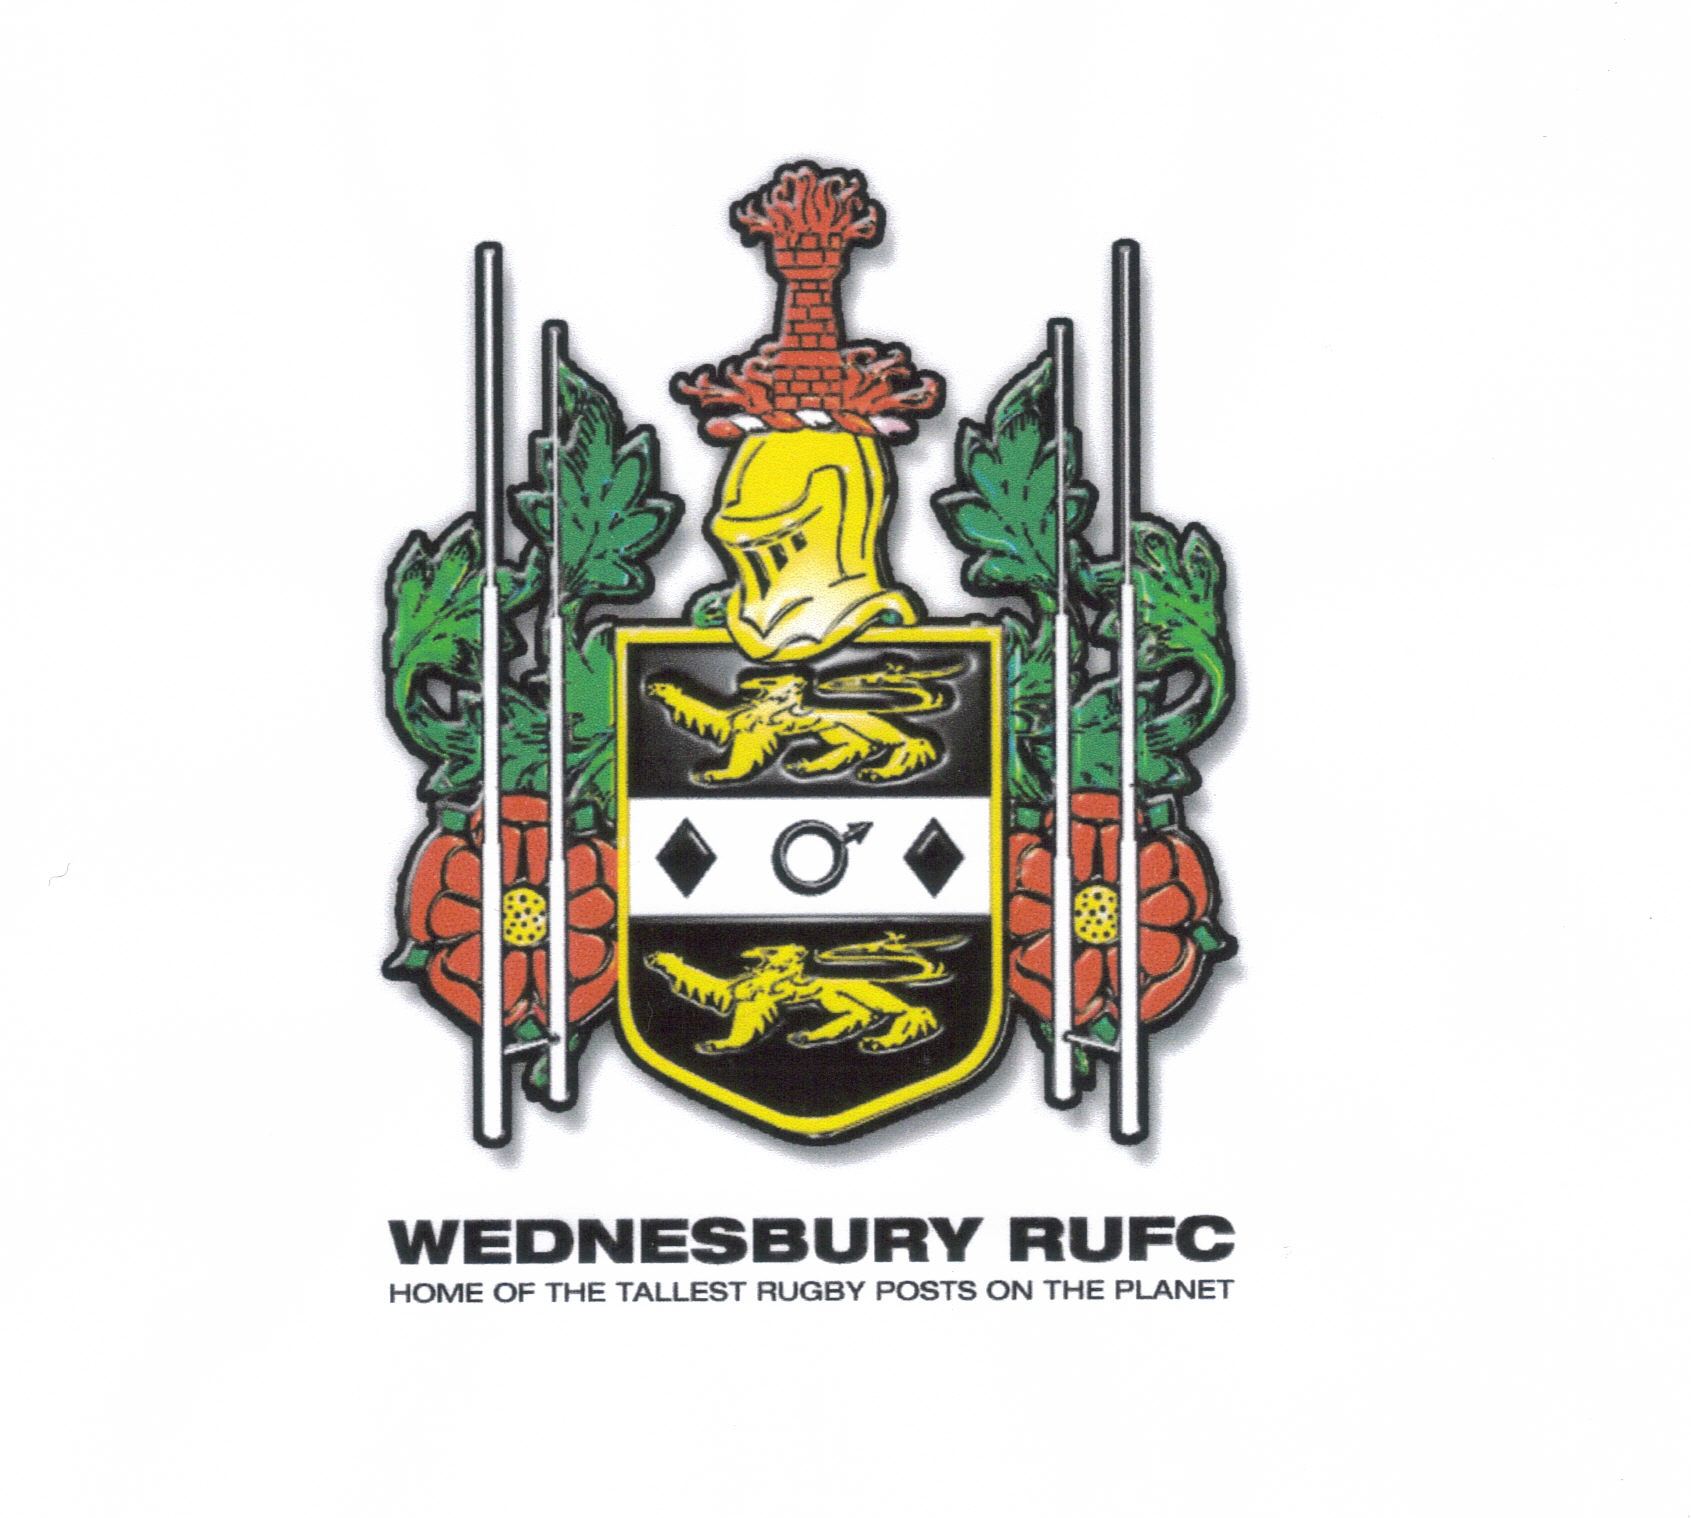 Wednesbury RUFC